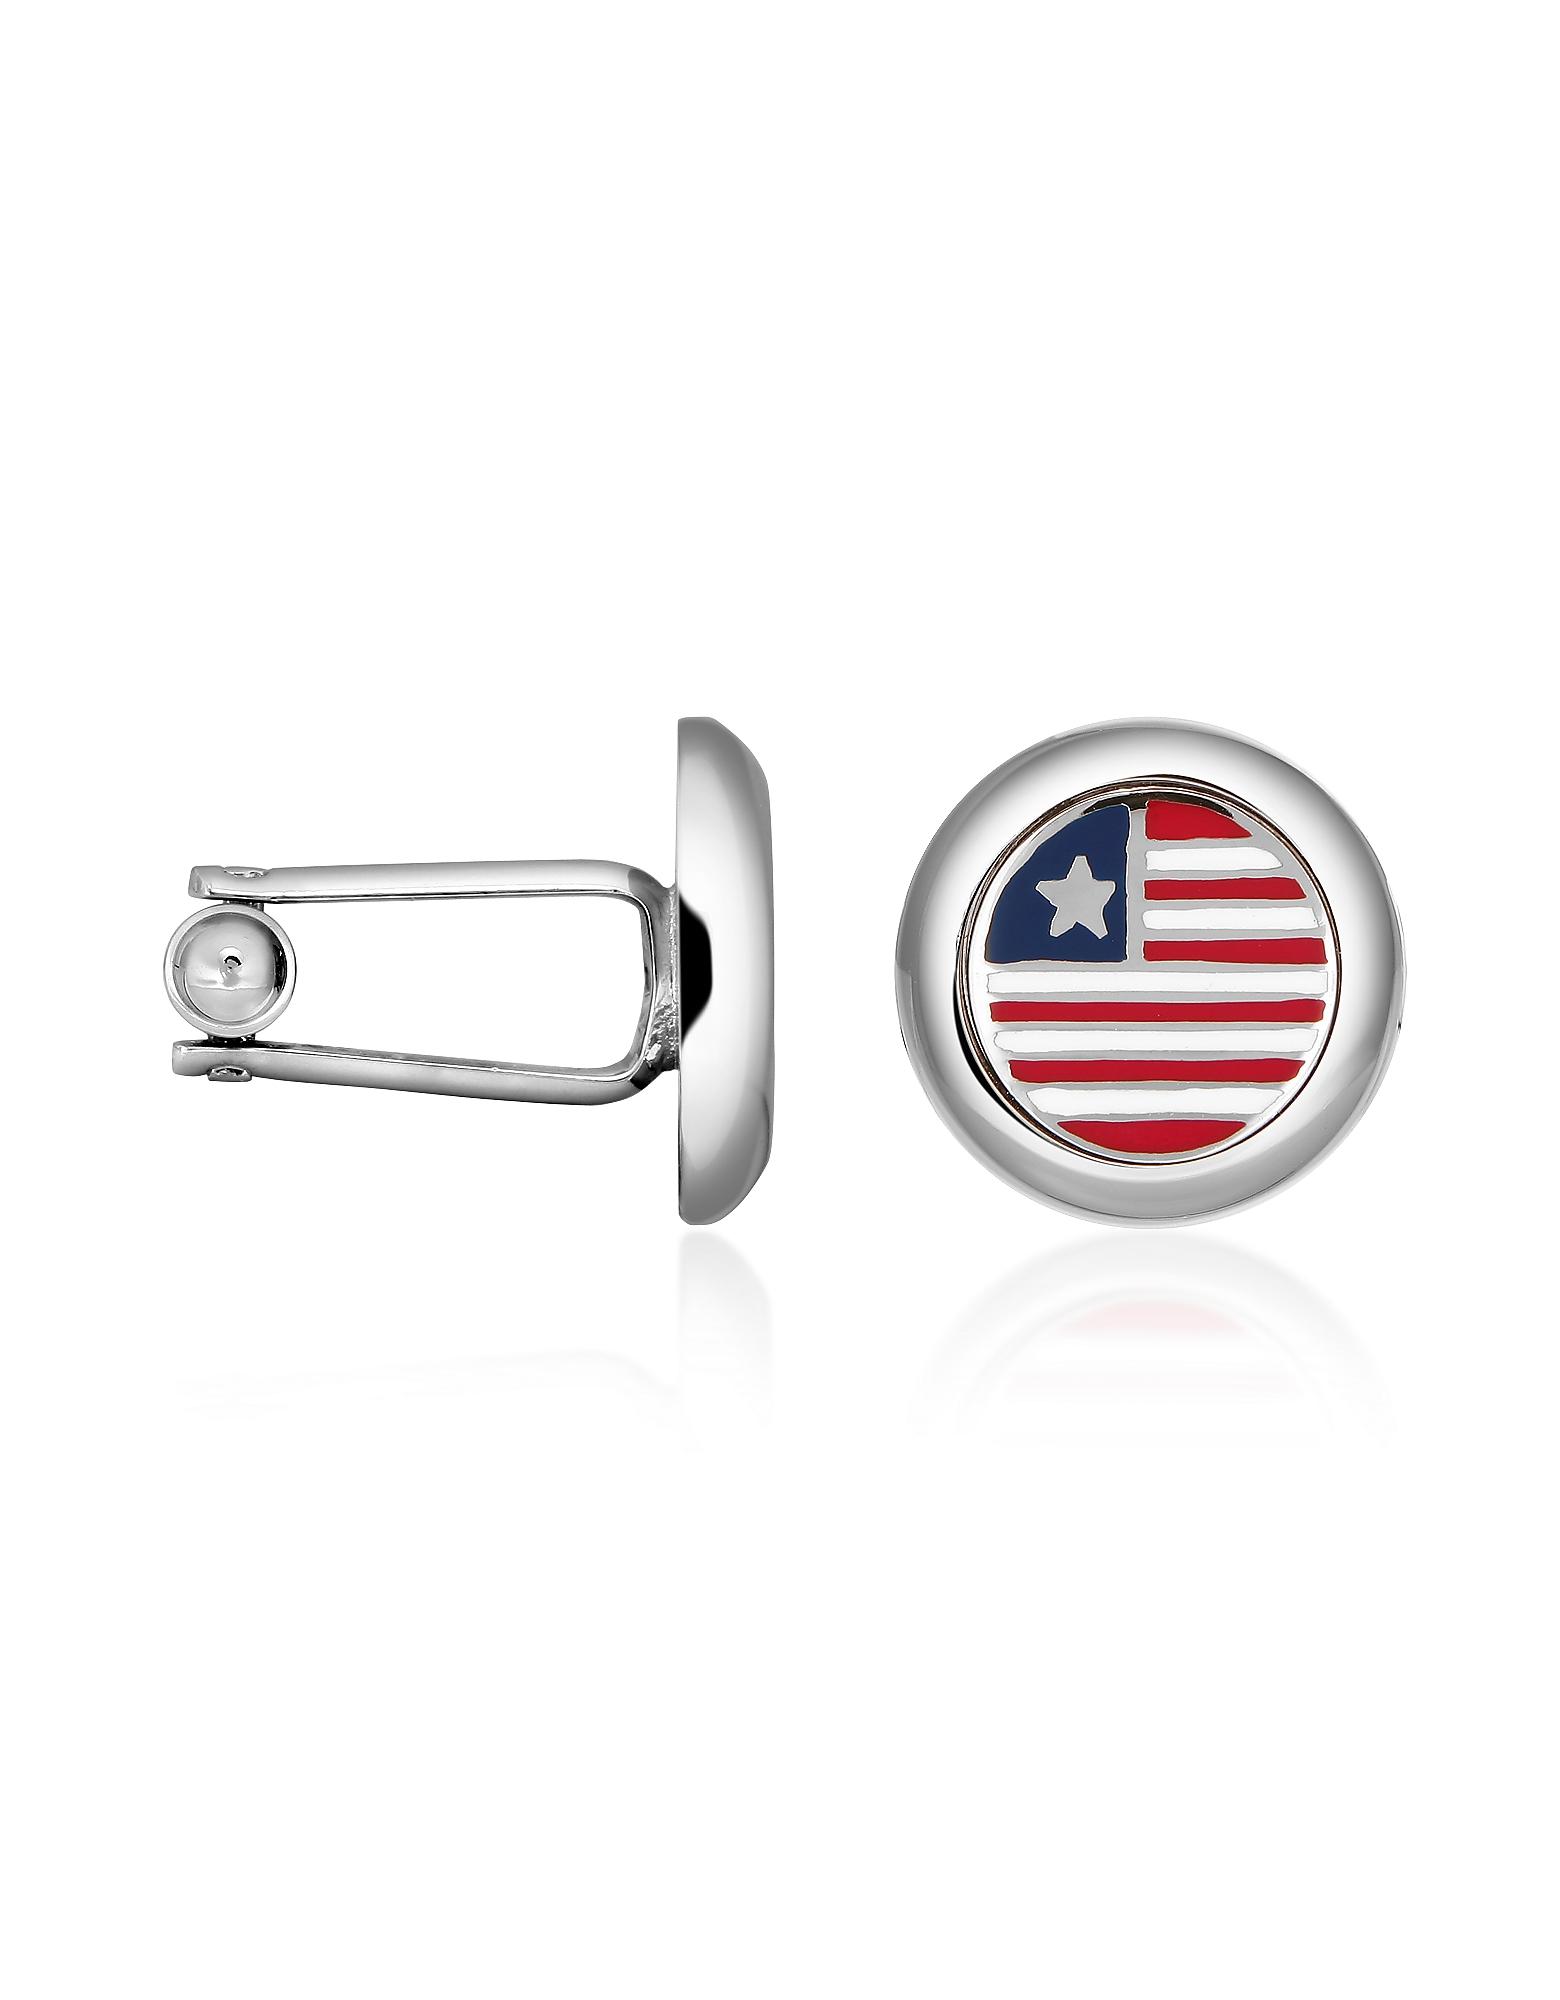 Круглые Запонки, Стилизованные под Американский Флаг